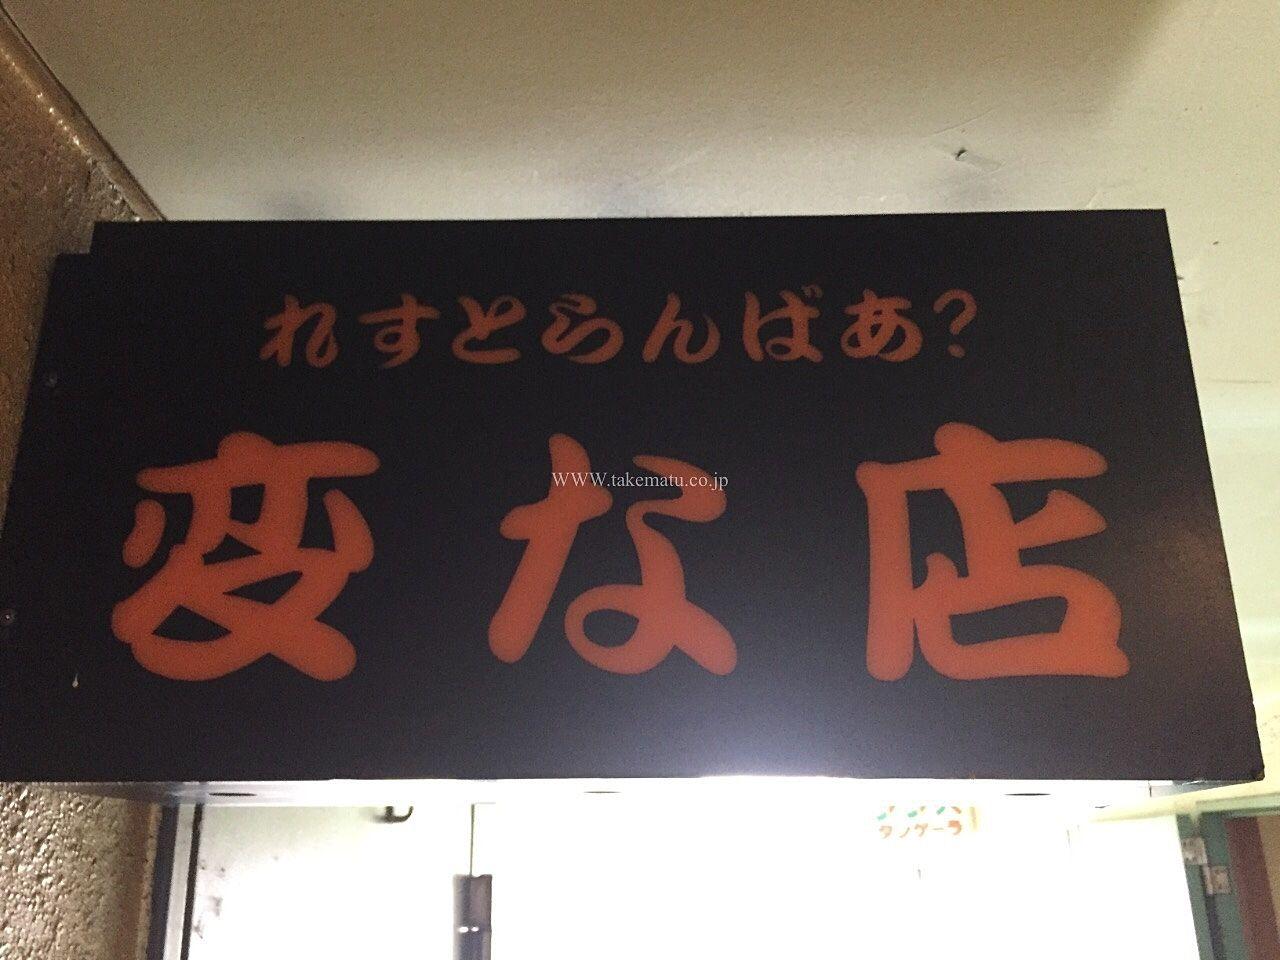 小岩 変な店 閉店‼︎